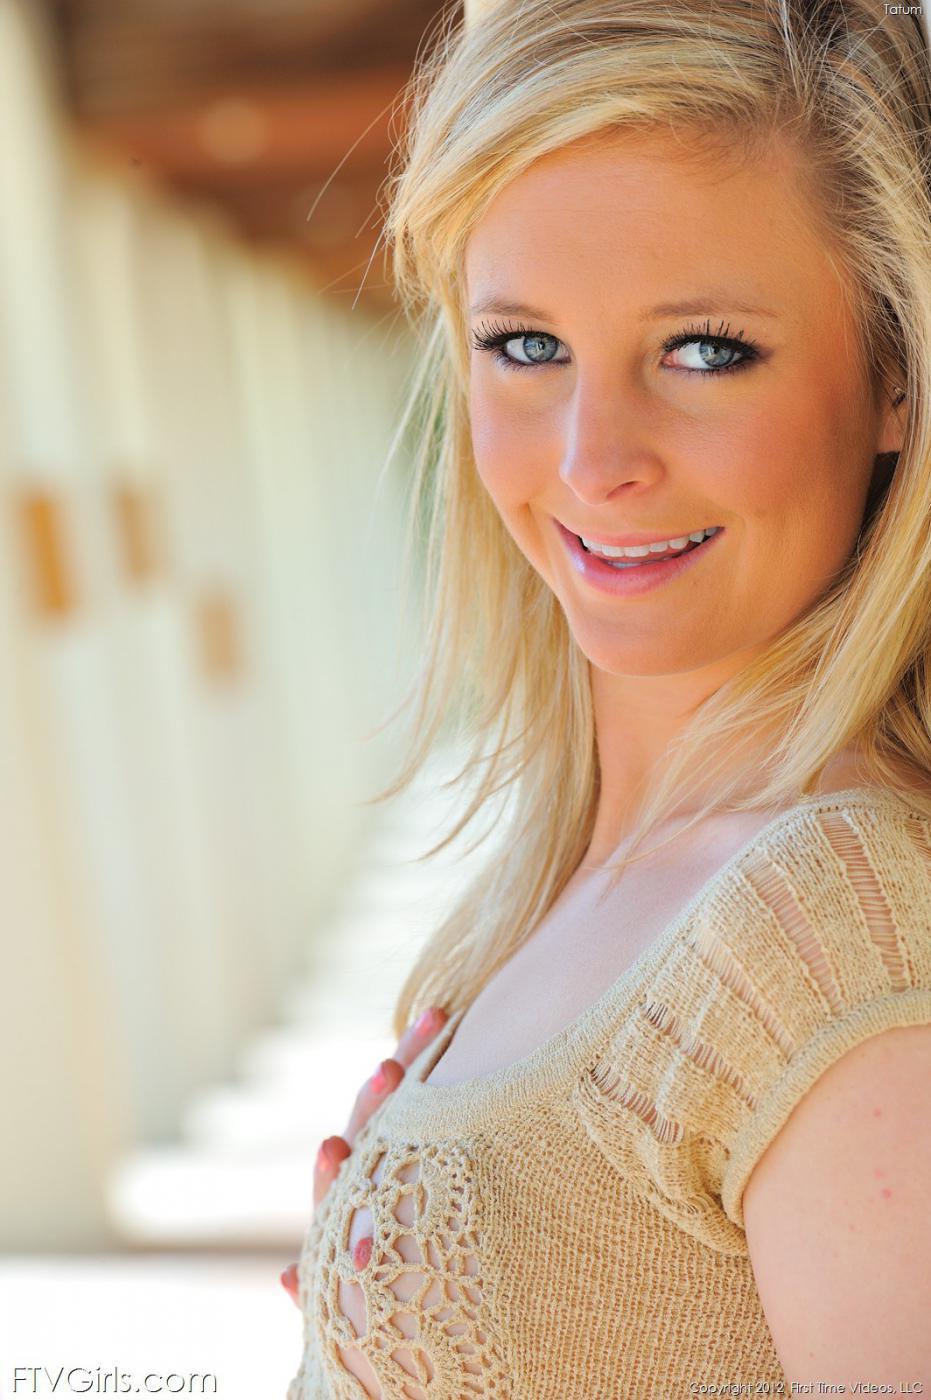 Ангельски красивая блондинка Tatum Woods в короткой юбке решила показать свою бритую киску с пухлыми губами